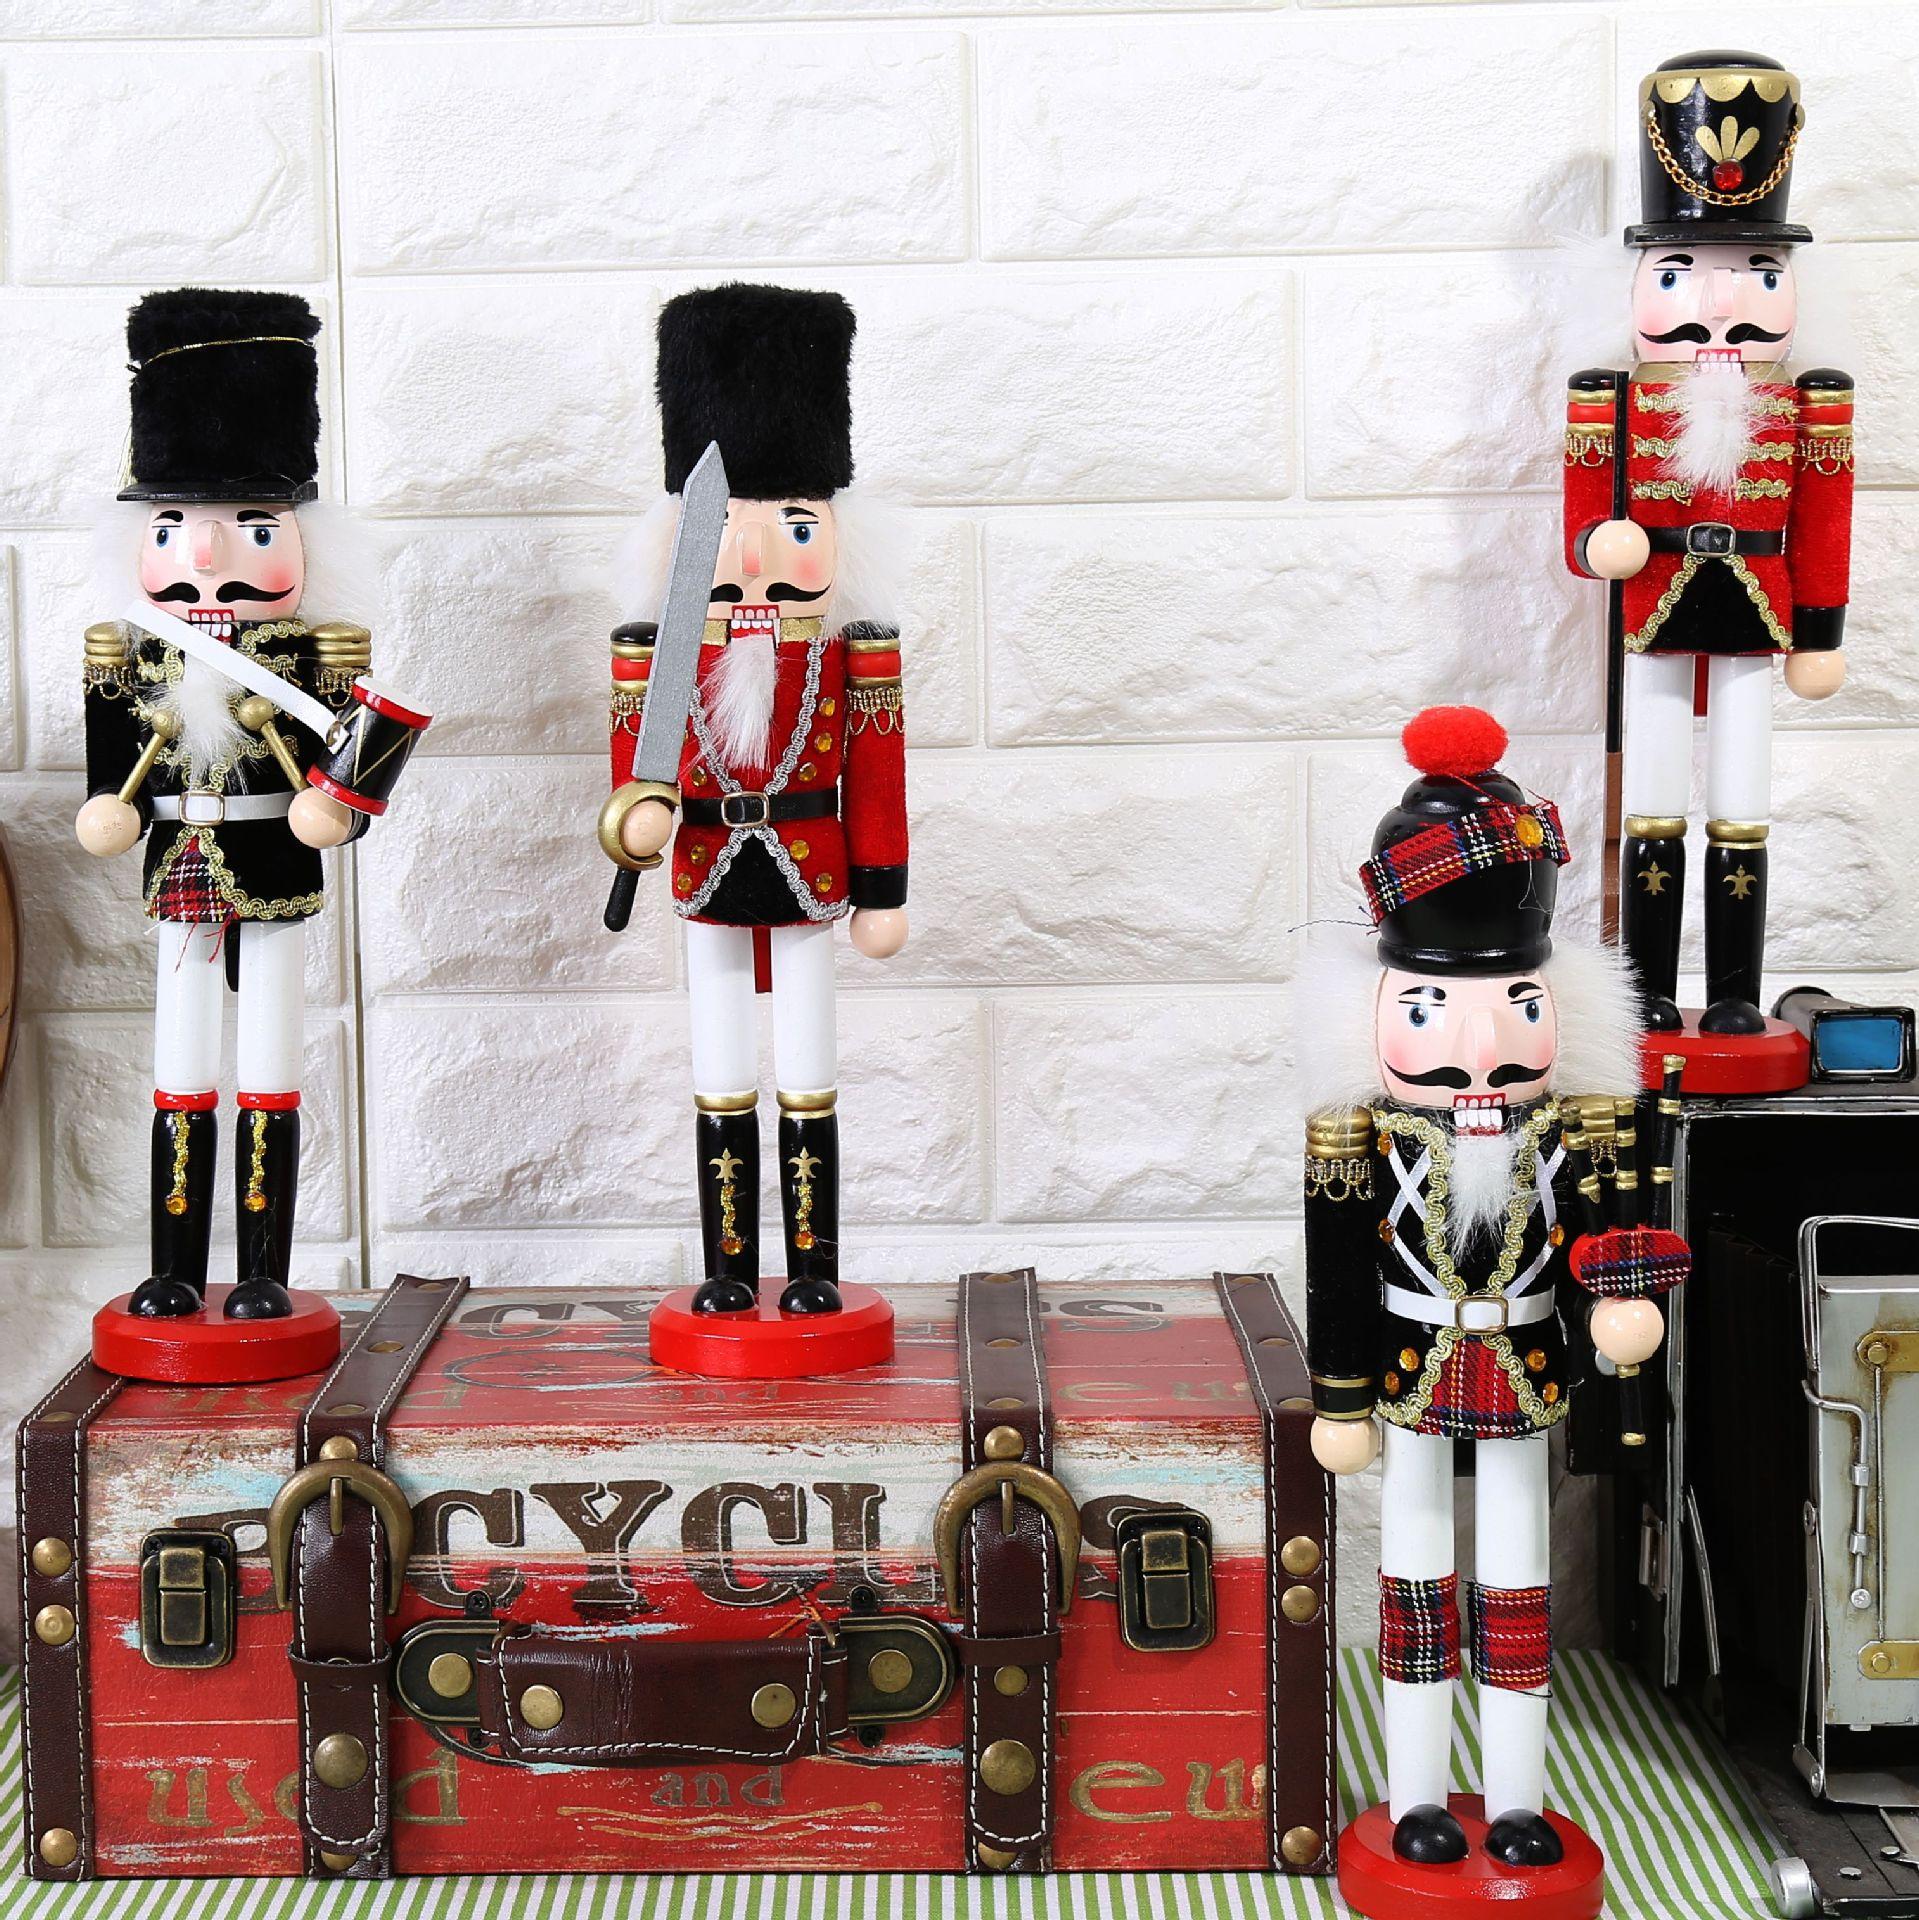 Cascanueces, títere soldado, 30 cm, decoraciones de madera maciza para tienda de casa, decoraciones vintage, decoración del hogar, accesorios de decoración para el hogar